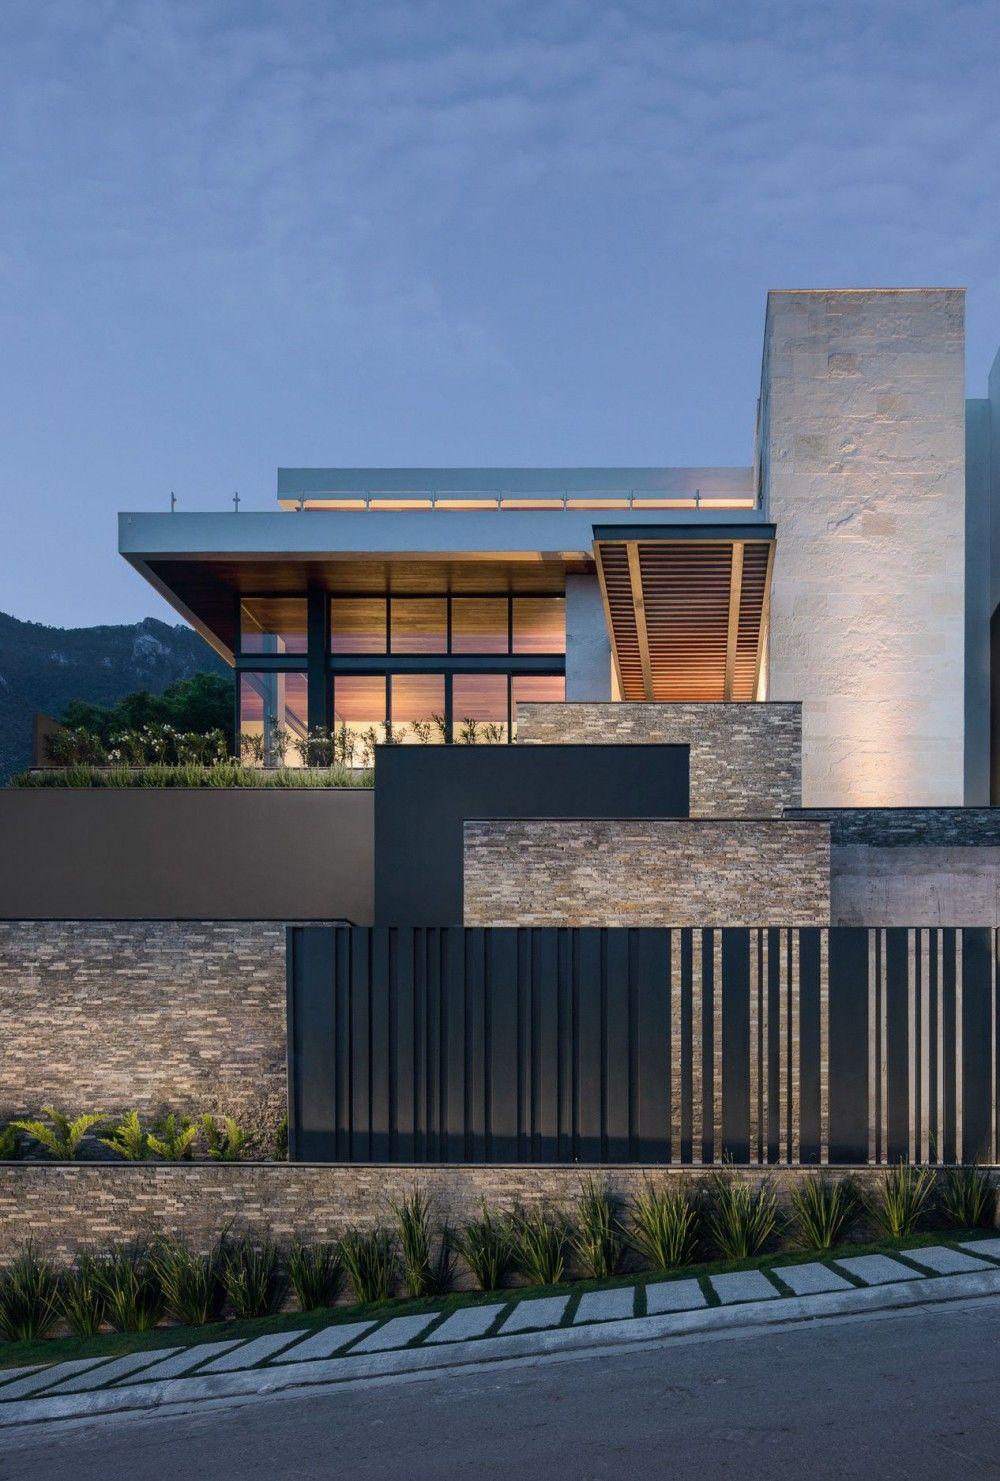 Architettura Case Moderne Idee idee per l'architettura moderna 175 in questo articolo